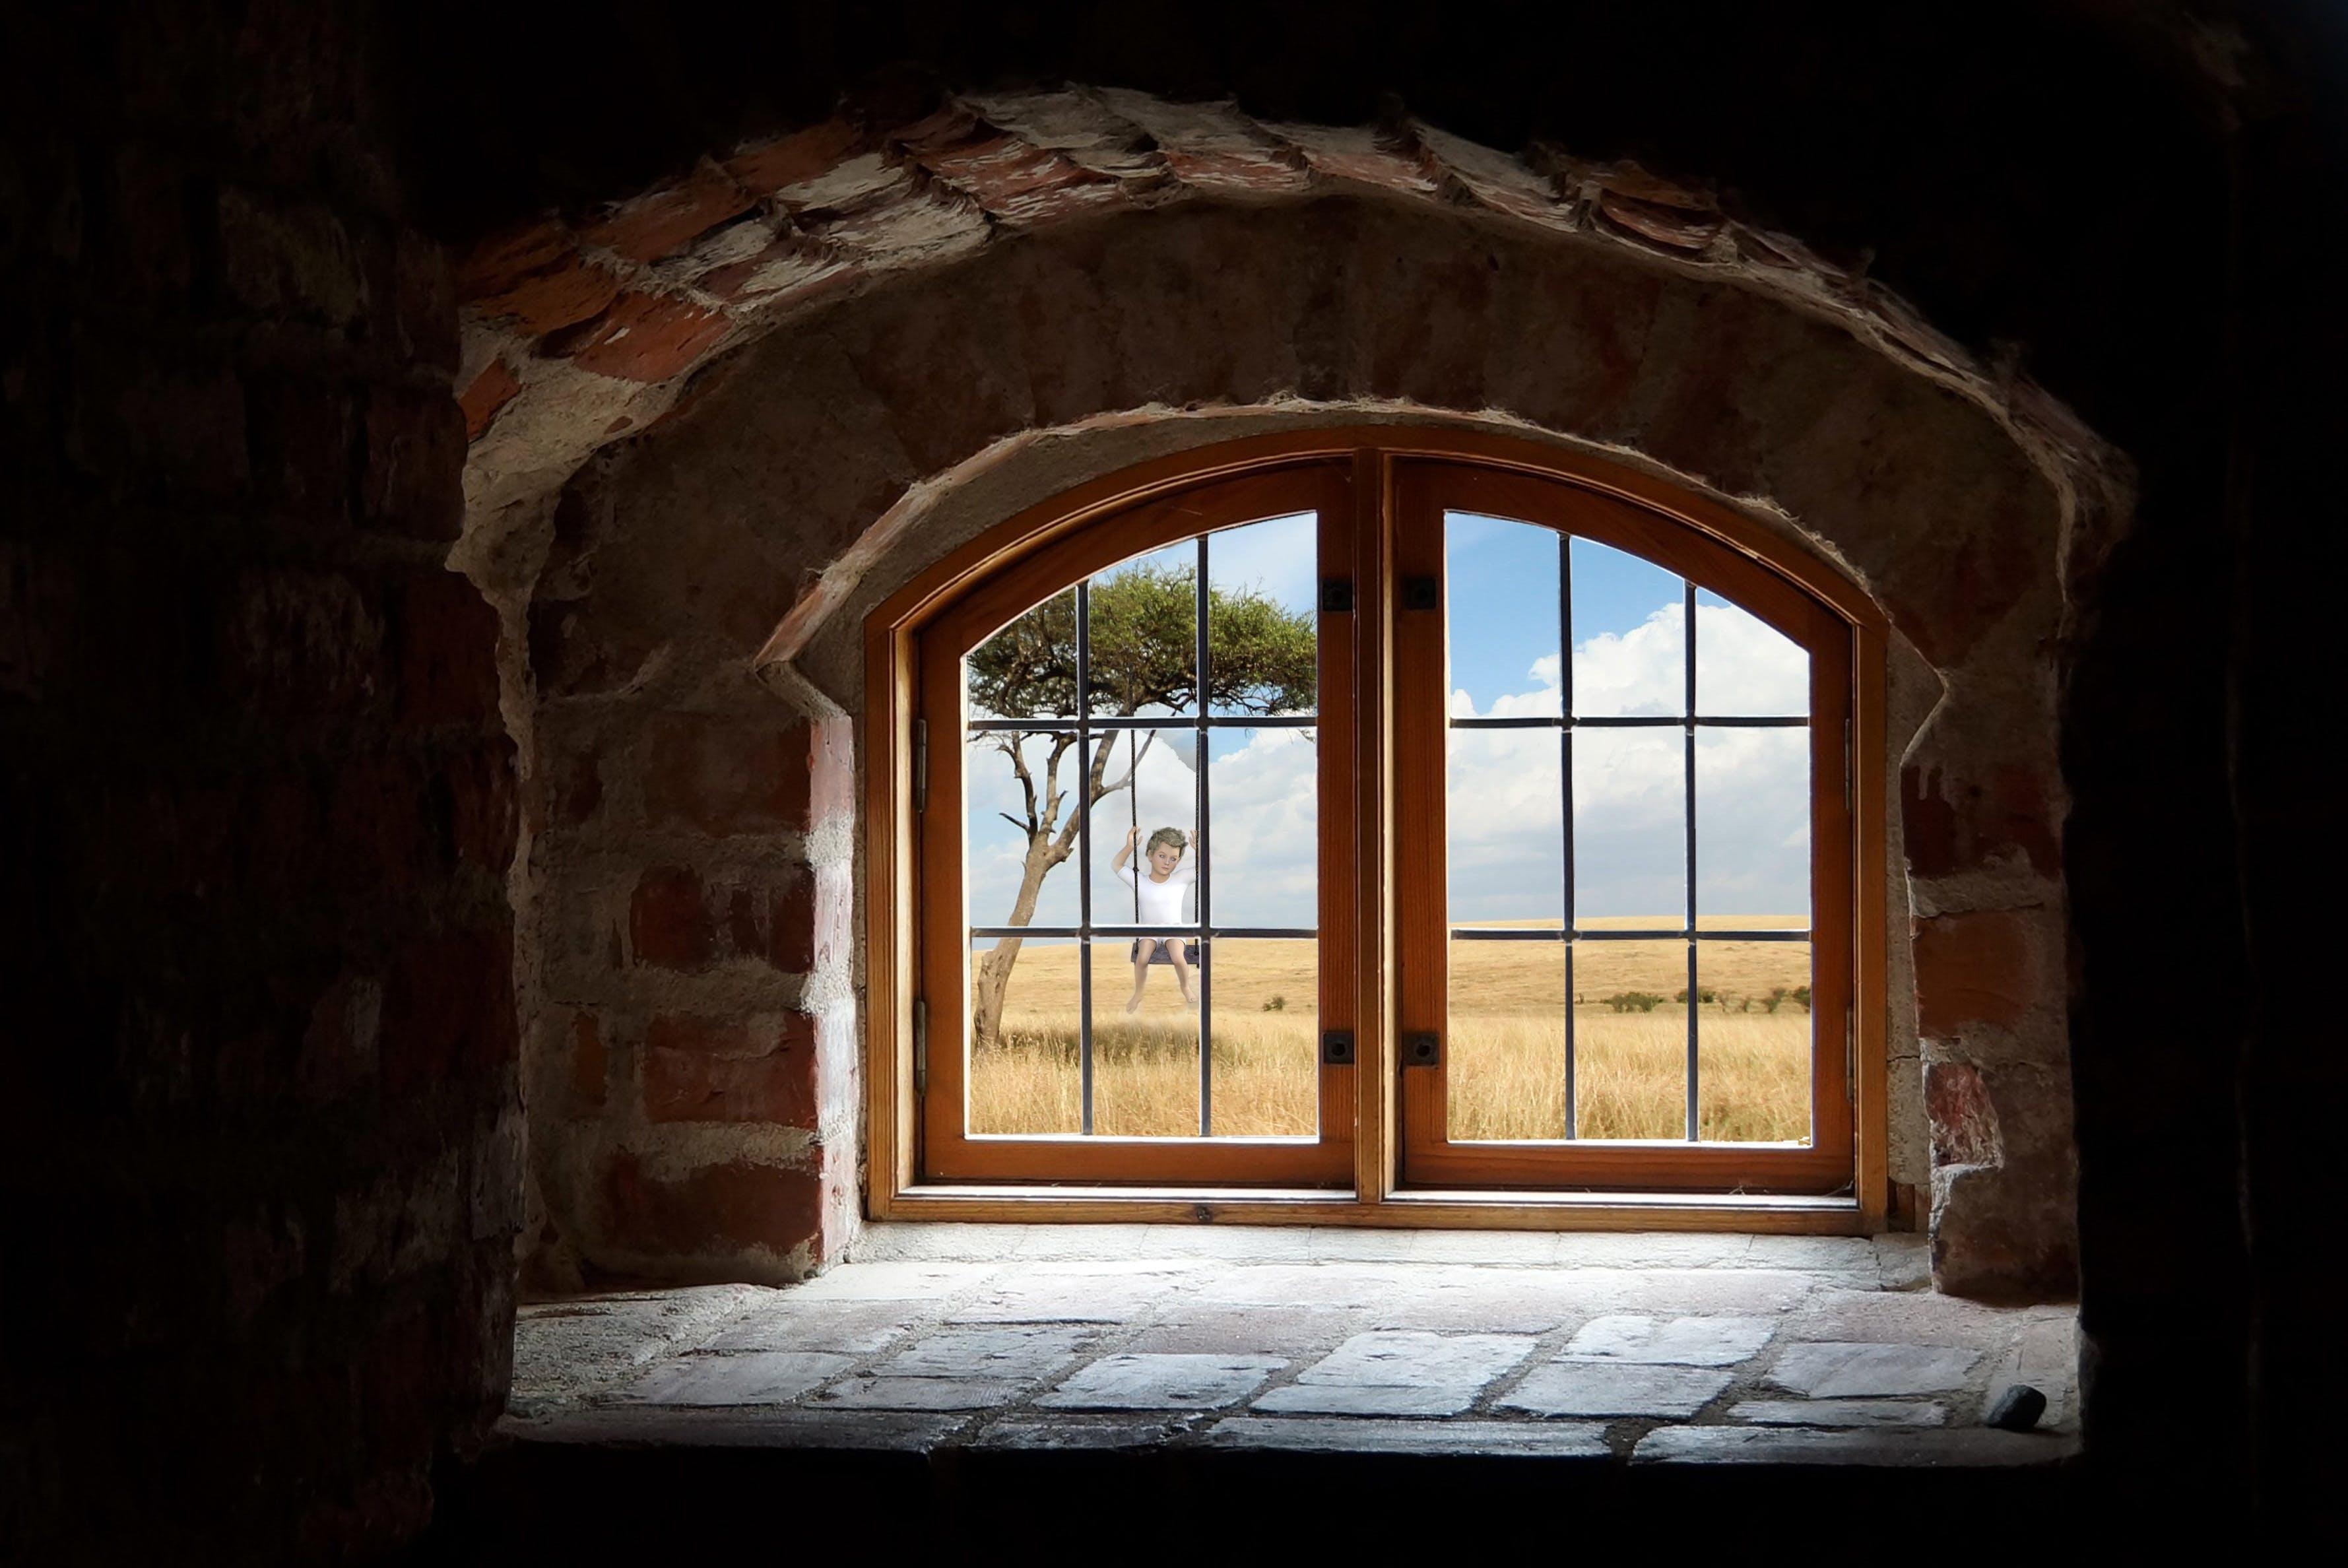 Kostenloses Stock Foto zu antik, architekt, architektur, ausfahrt